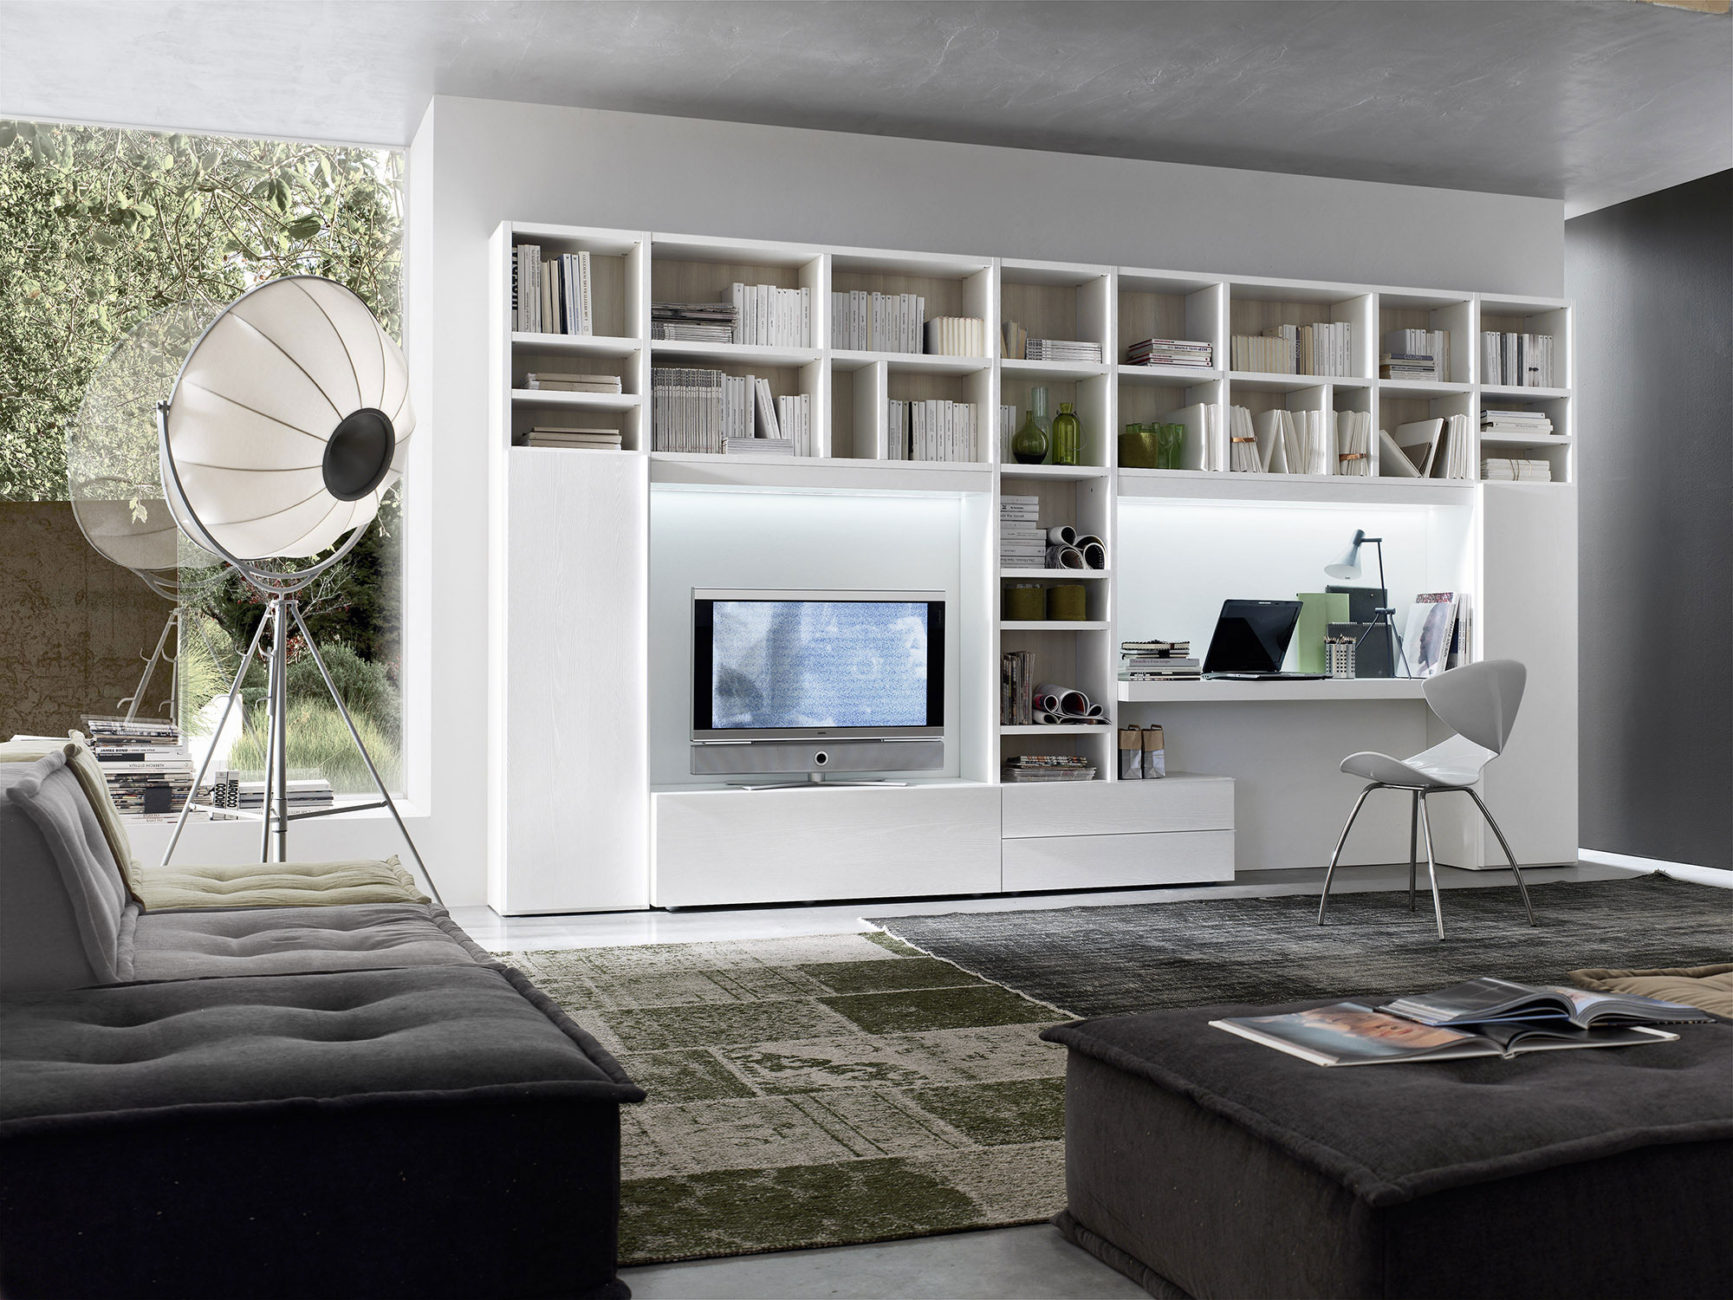 Arredare Piccoli Spazi Ikea. Elegant Arredare Monolocale With Ikea ...